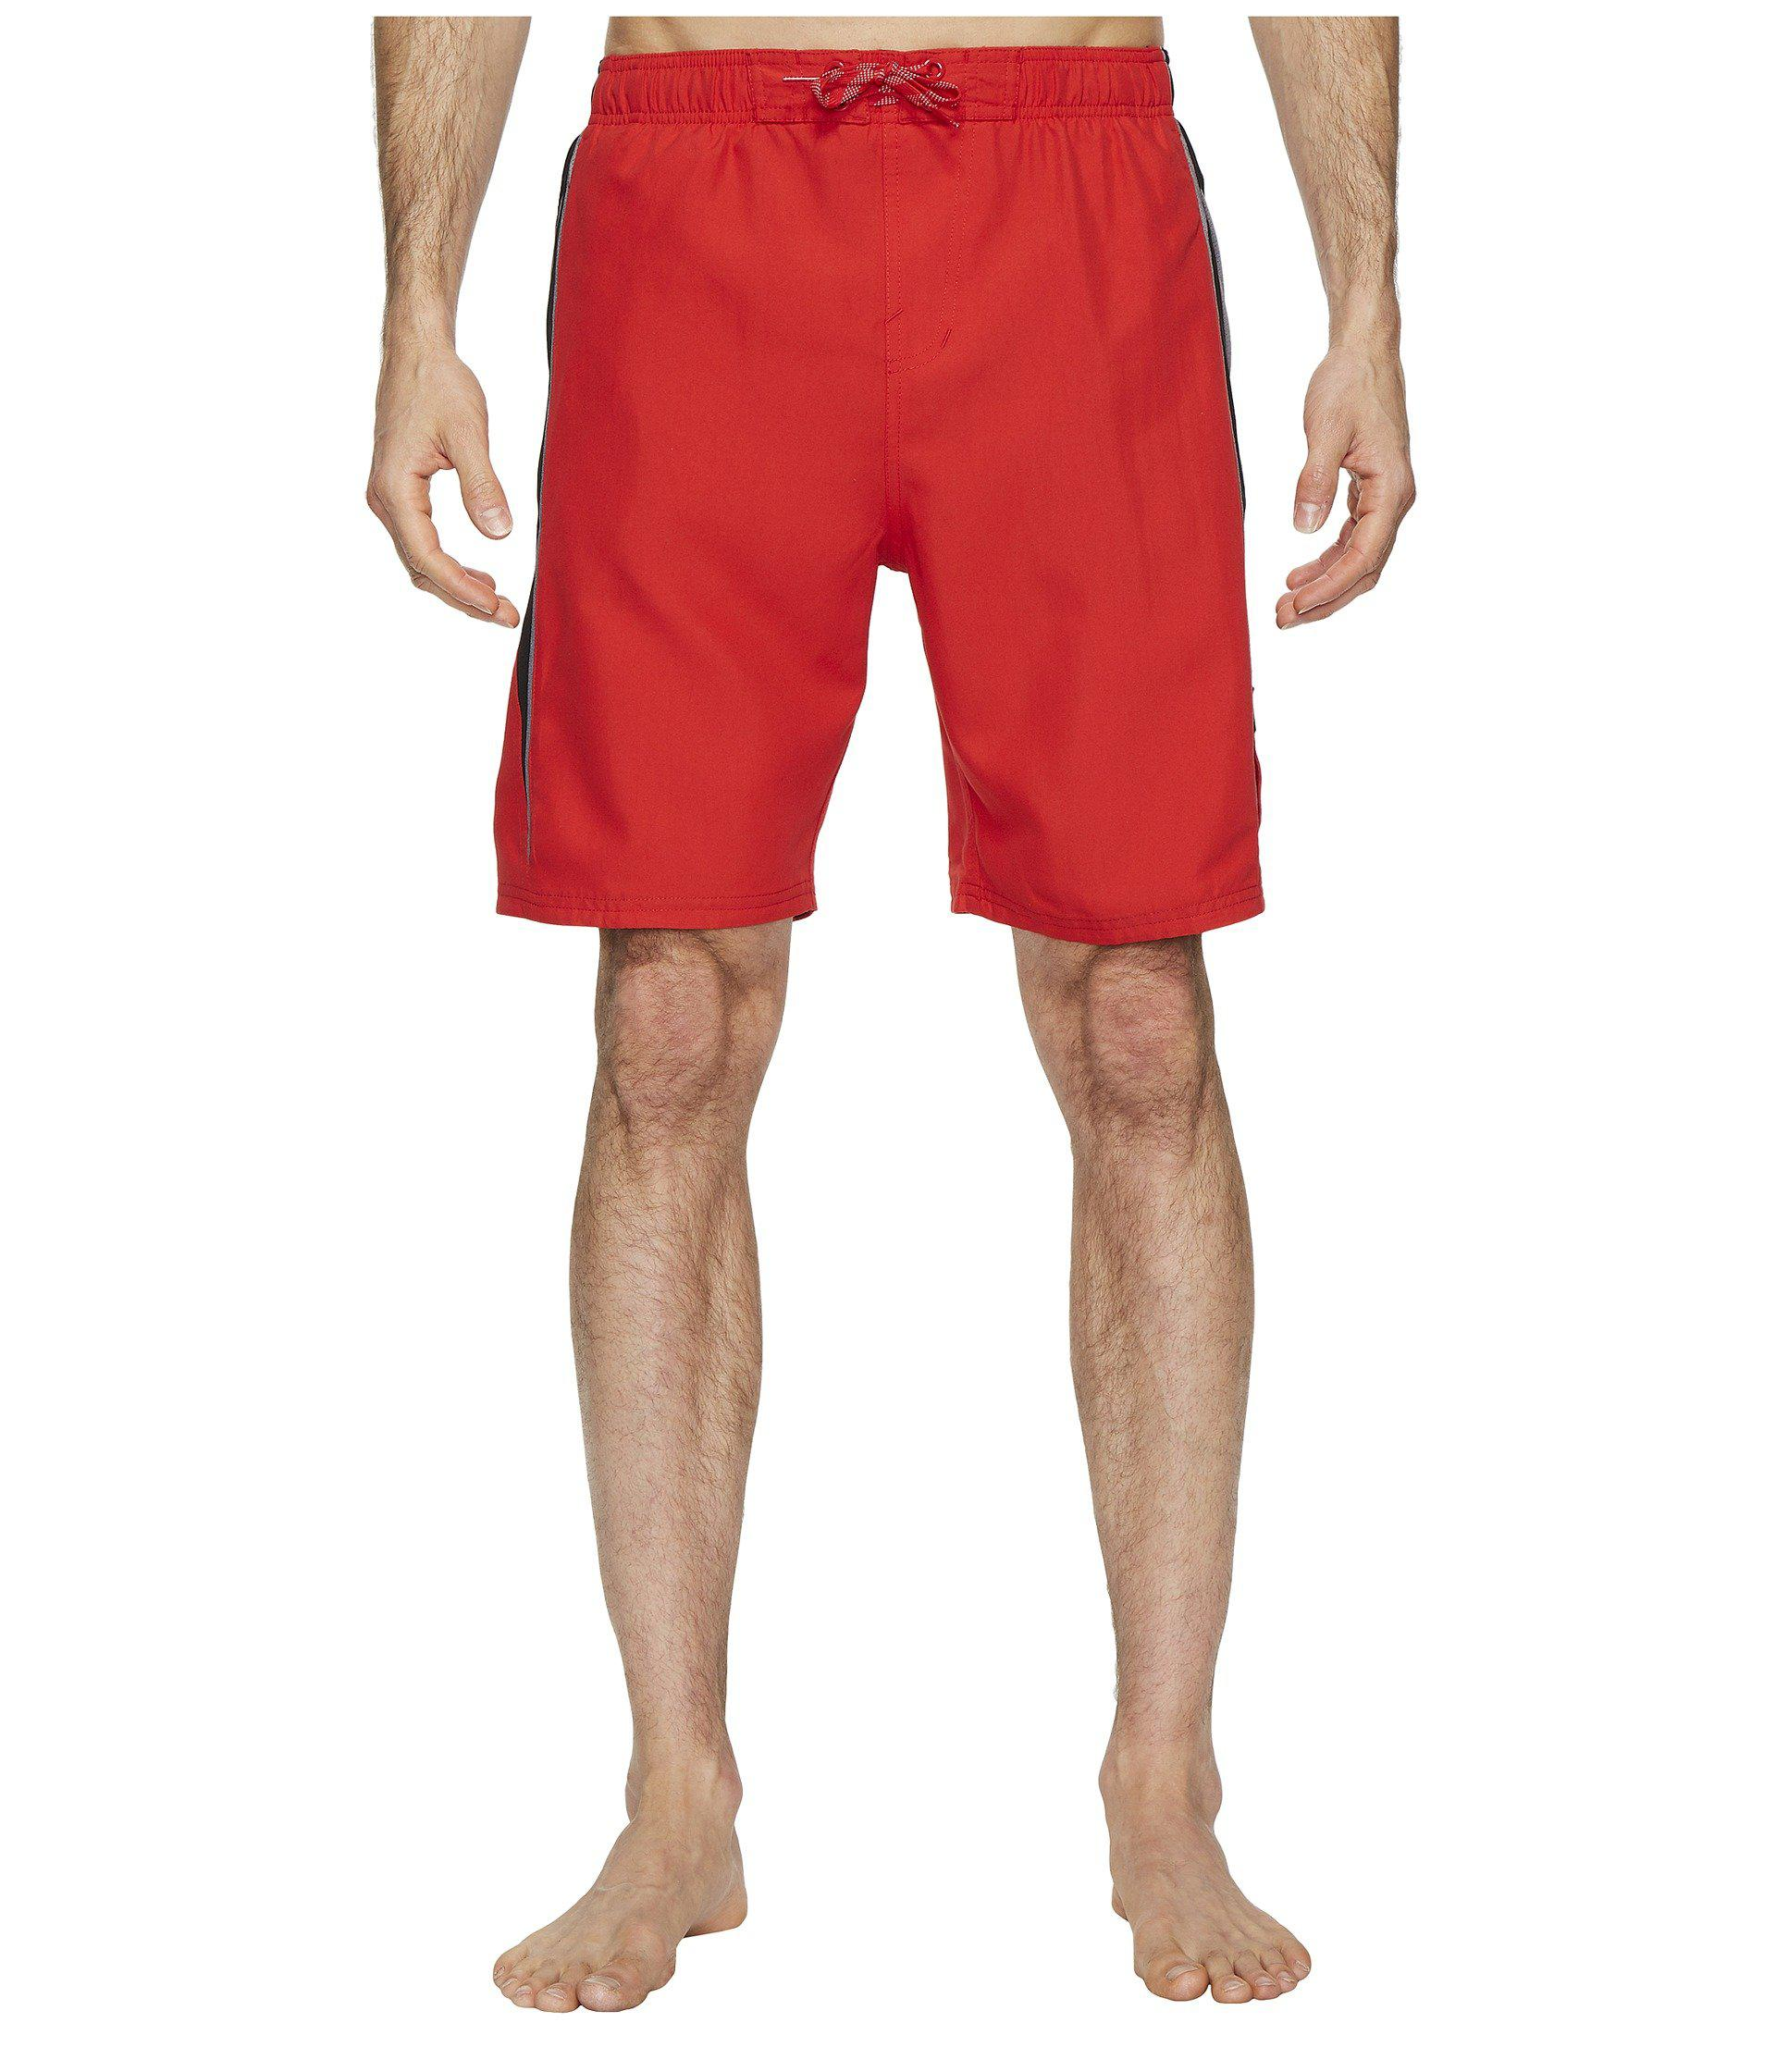 8a1c0ba170 Lyst - Nike Contend 9 Volley Shorts (gunsmoke) Men's Swimwear in Red for Men